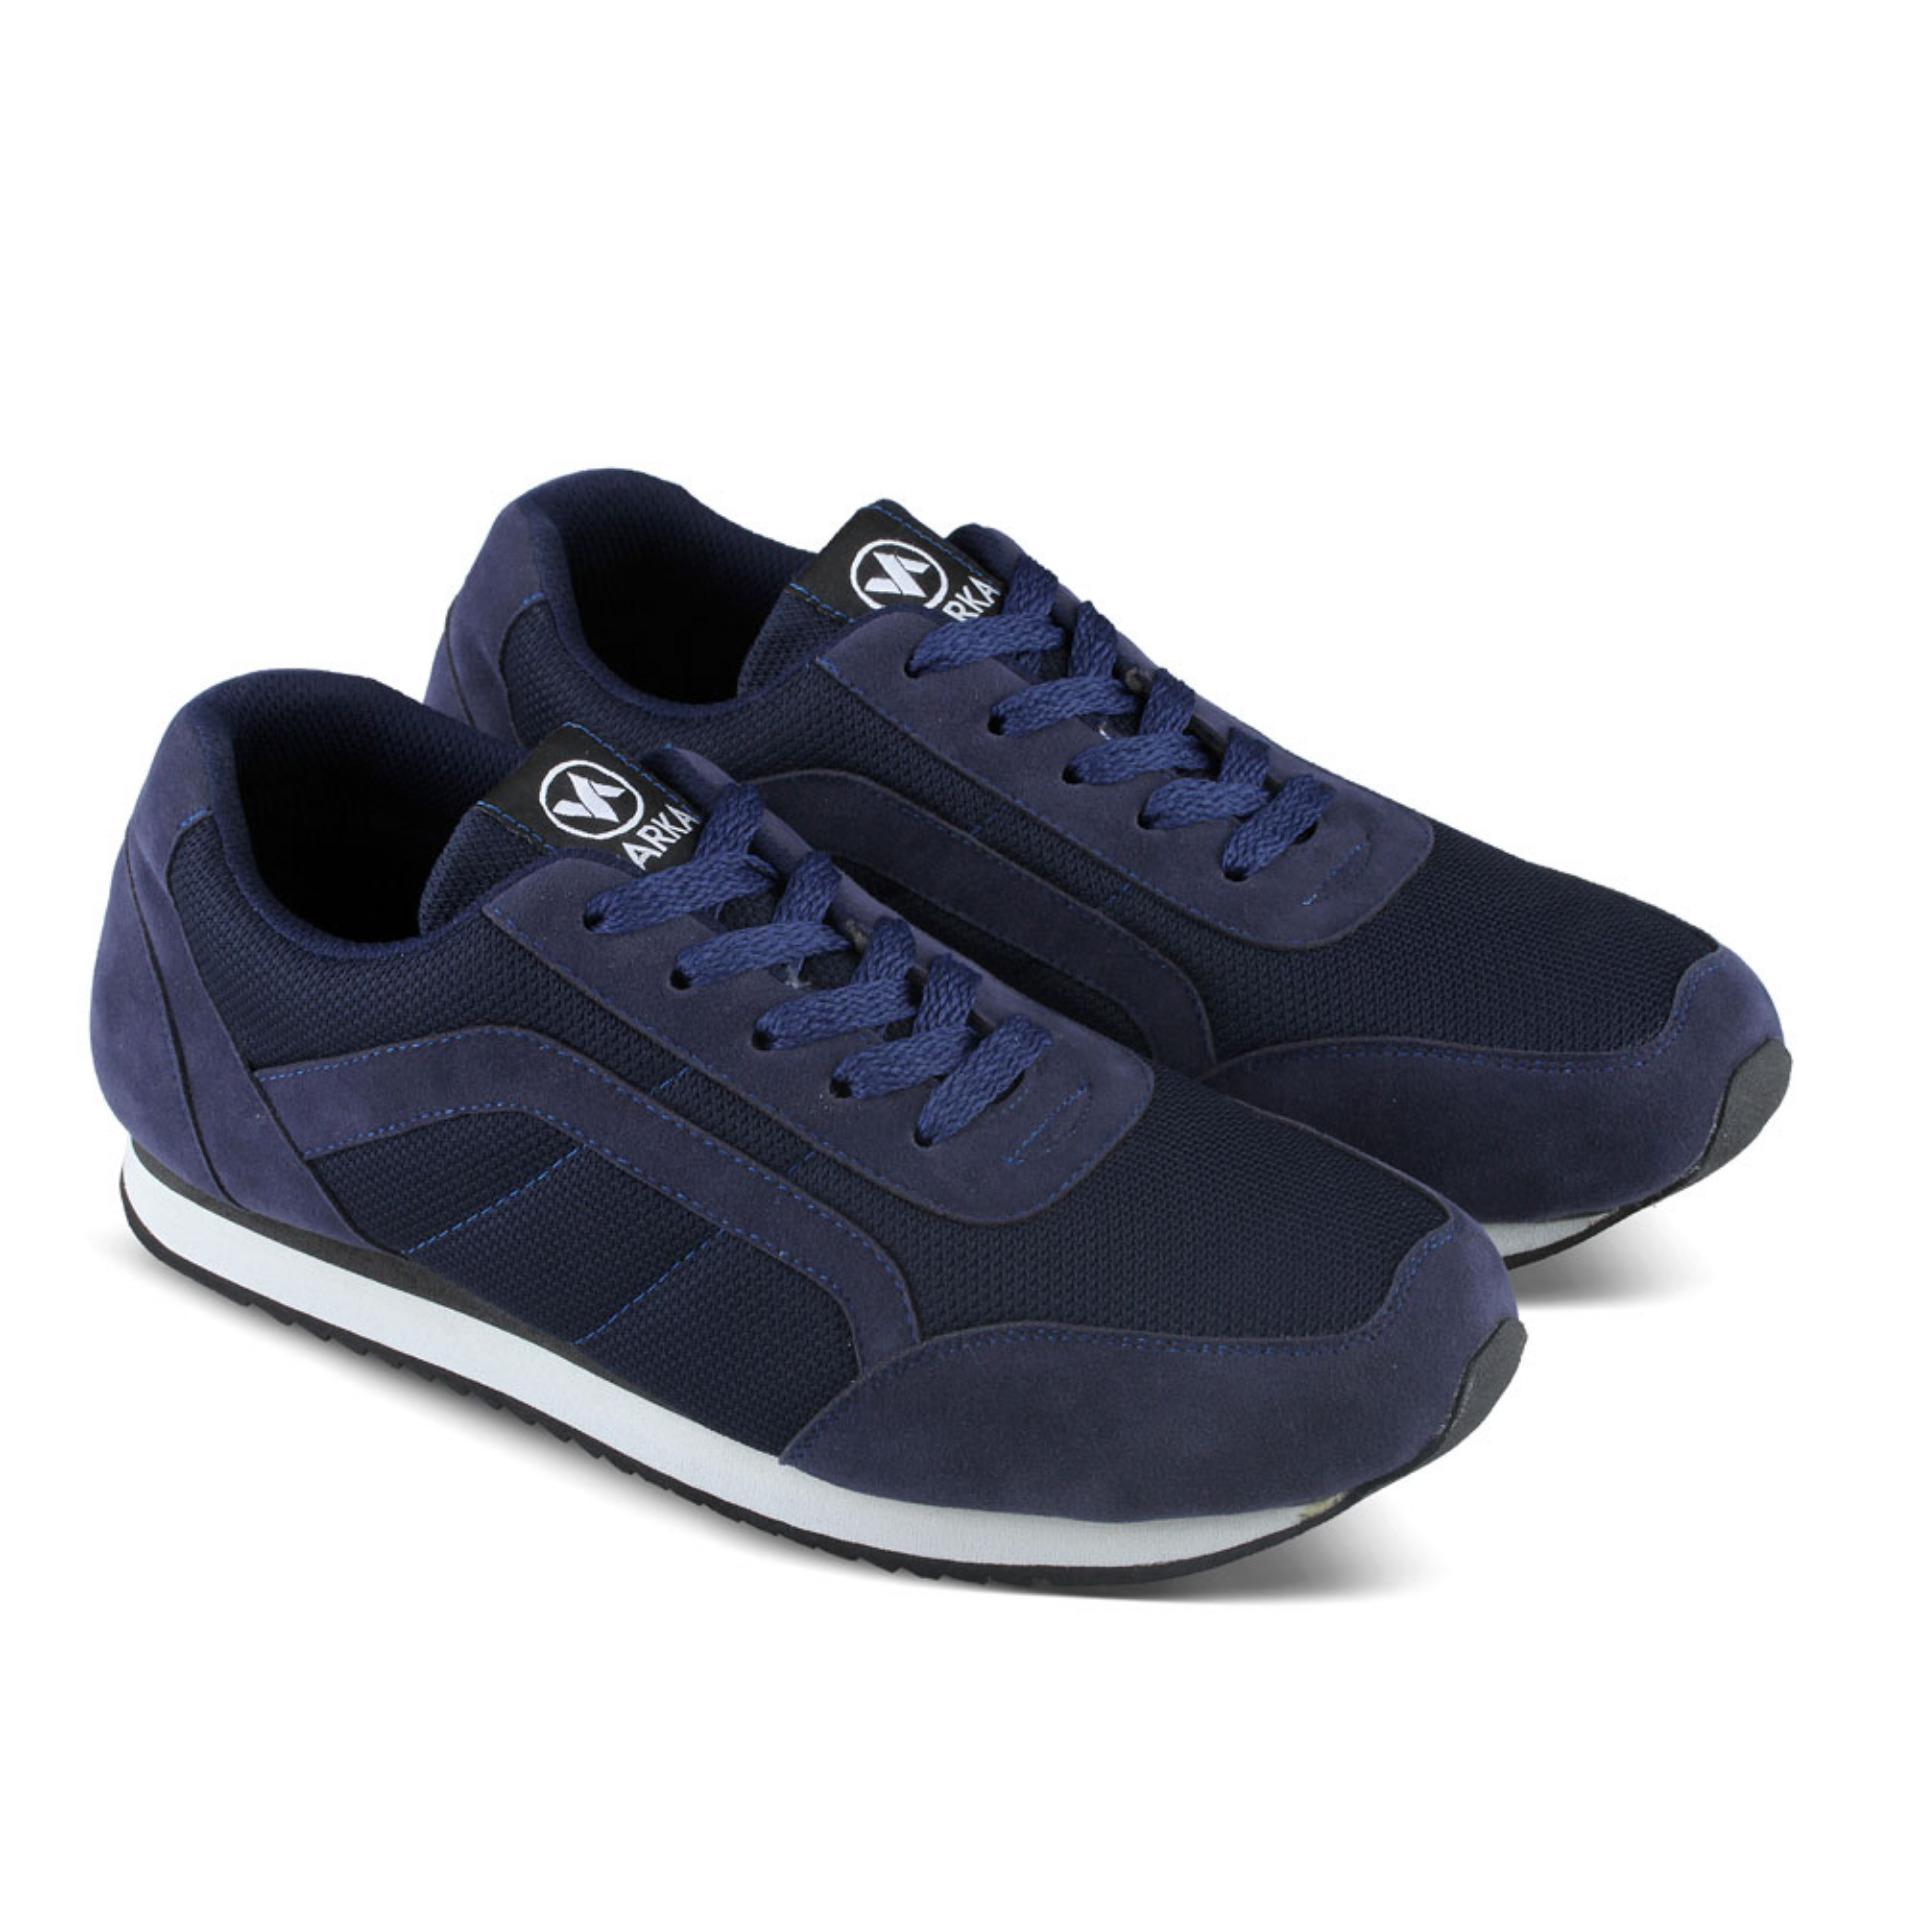 Sepatu DB 477 Sepatu Sneakers Kasual Pria utk jalan, santai, olahraga lari joging, kuliah, sekolah, kerja - Navy